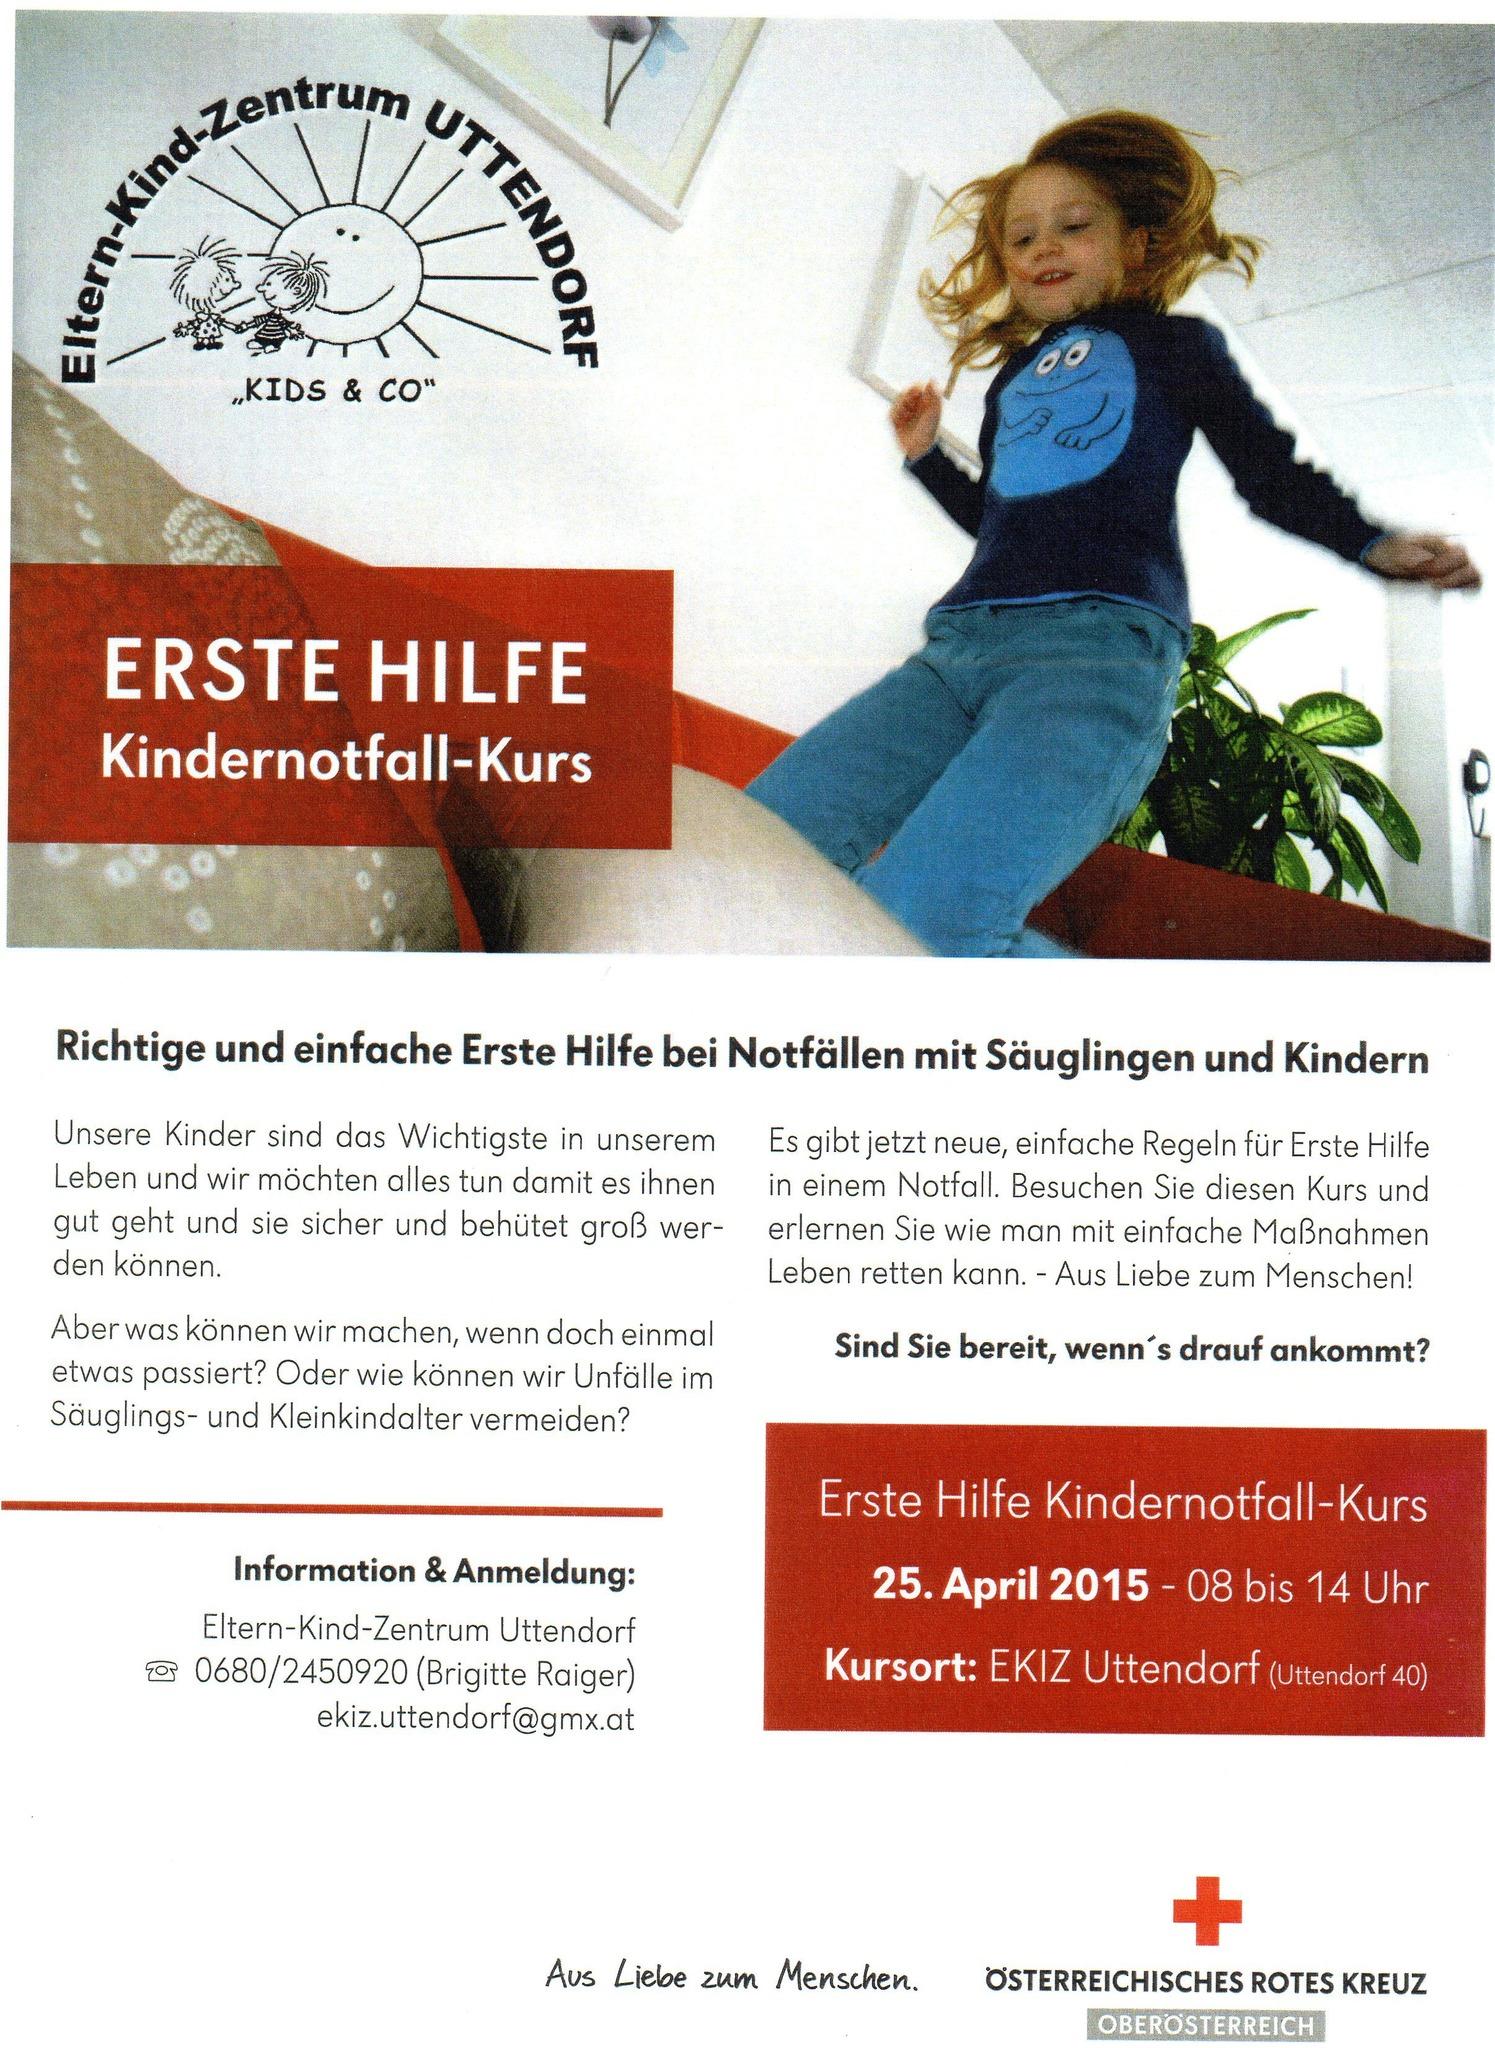 Uttendorf - Volkshochschule Salzburg